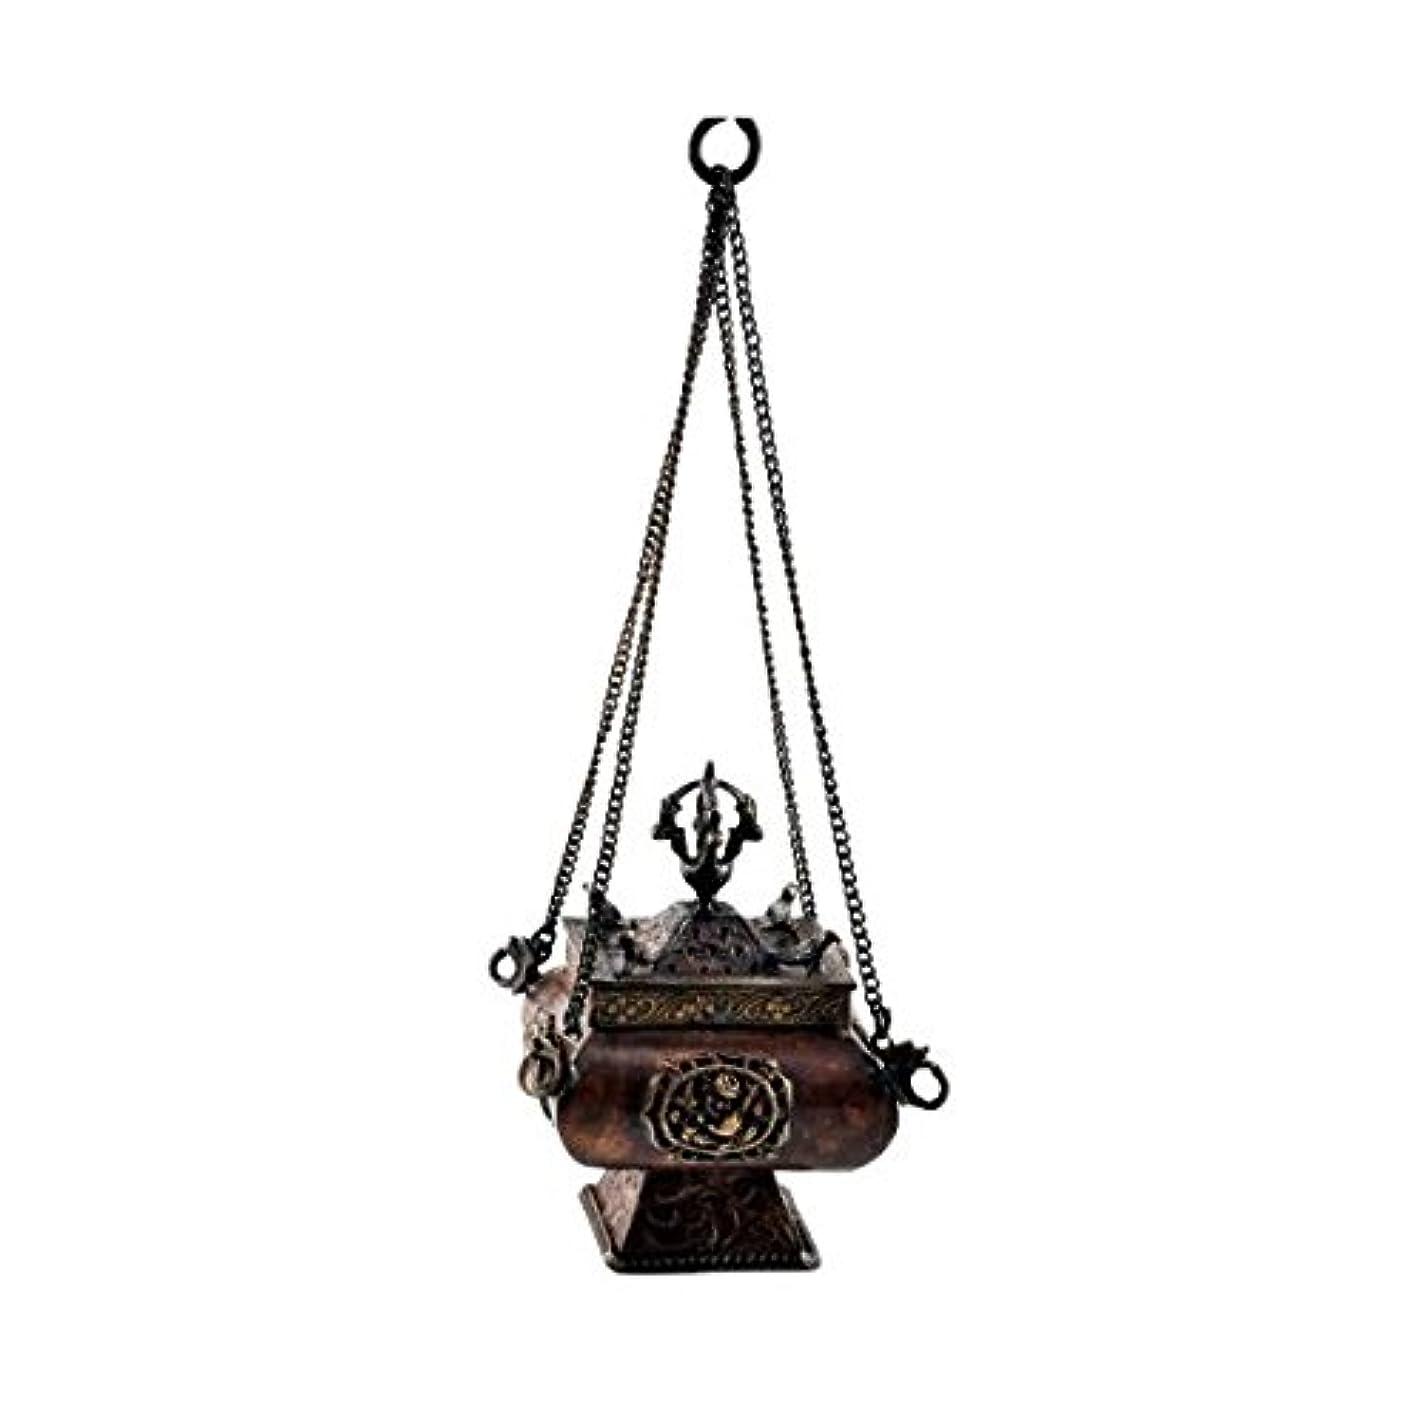 閉塞揺れる夫プレミアム品質銅真鍮Hanging Incense Burner Incense Burner